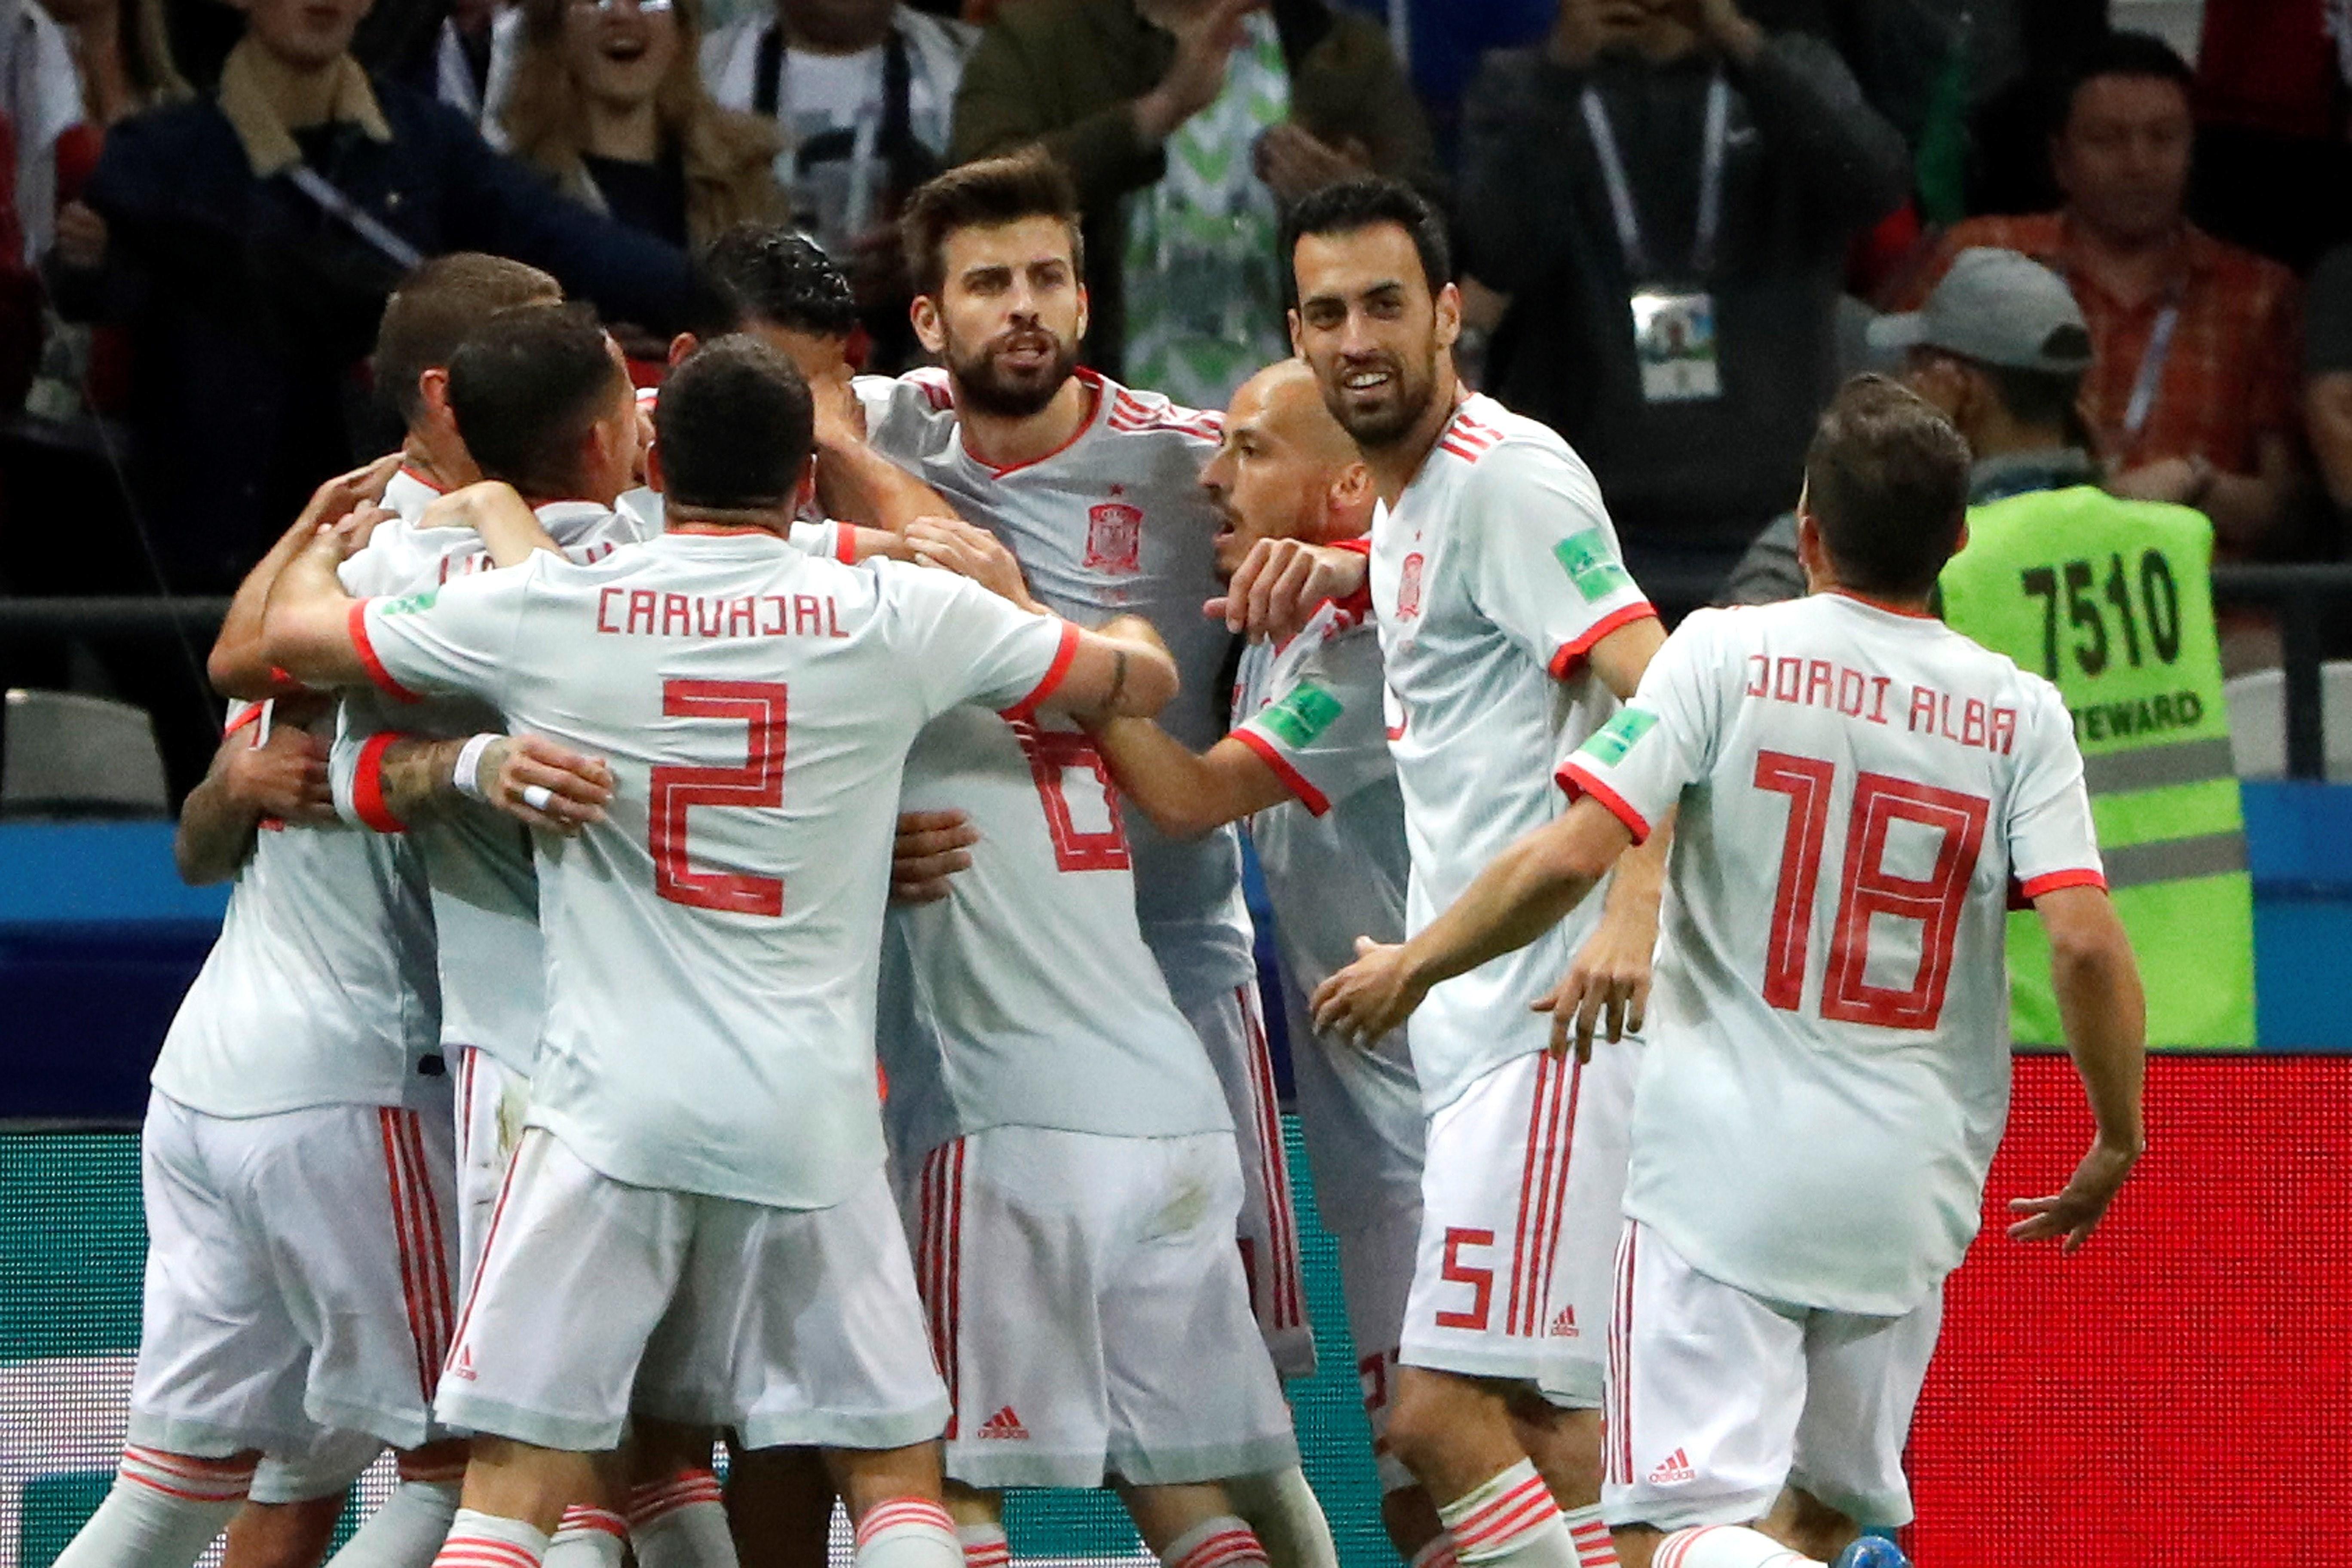 Jugadores de España celebran el gol de Diego Costa. Foto: EFE